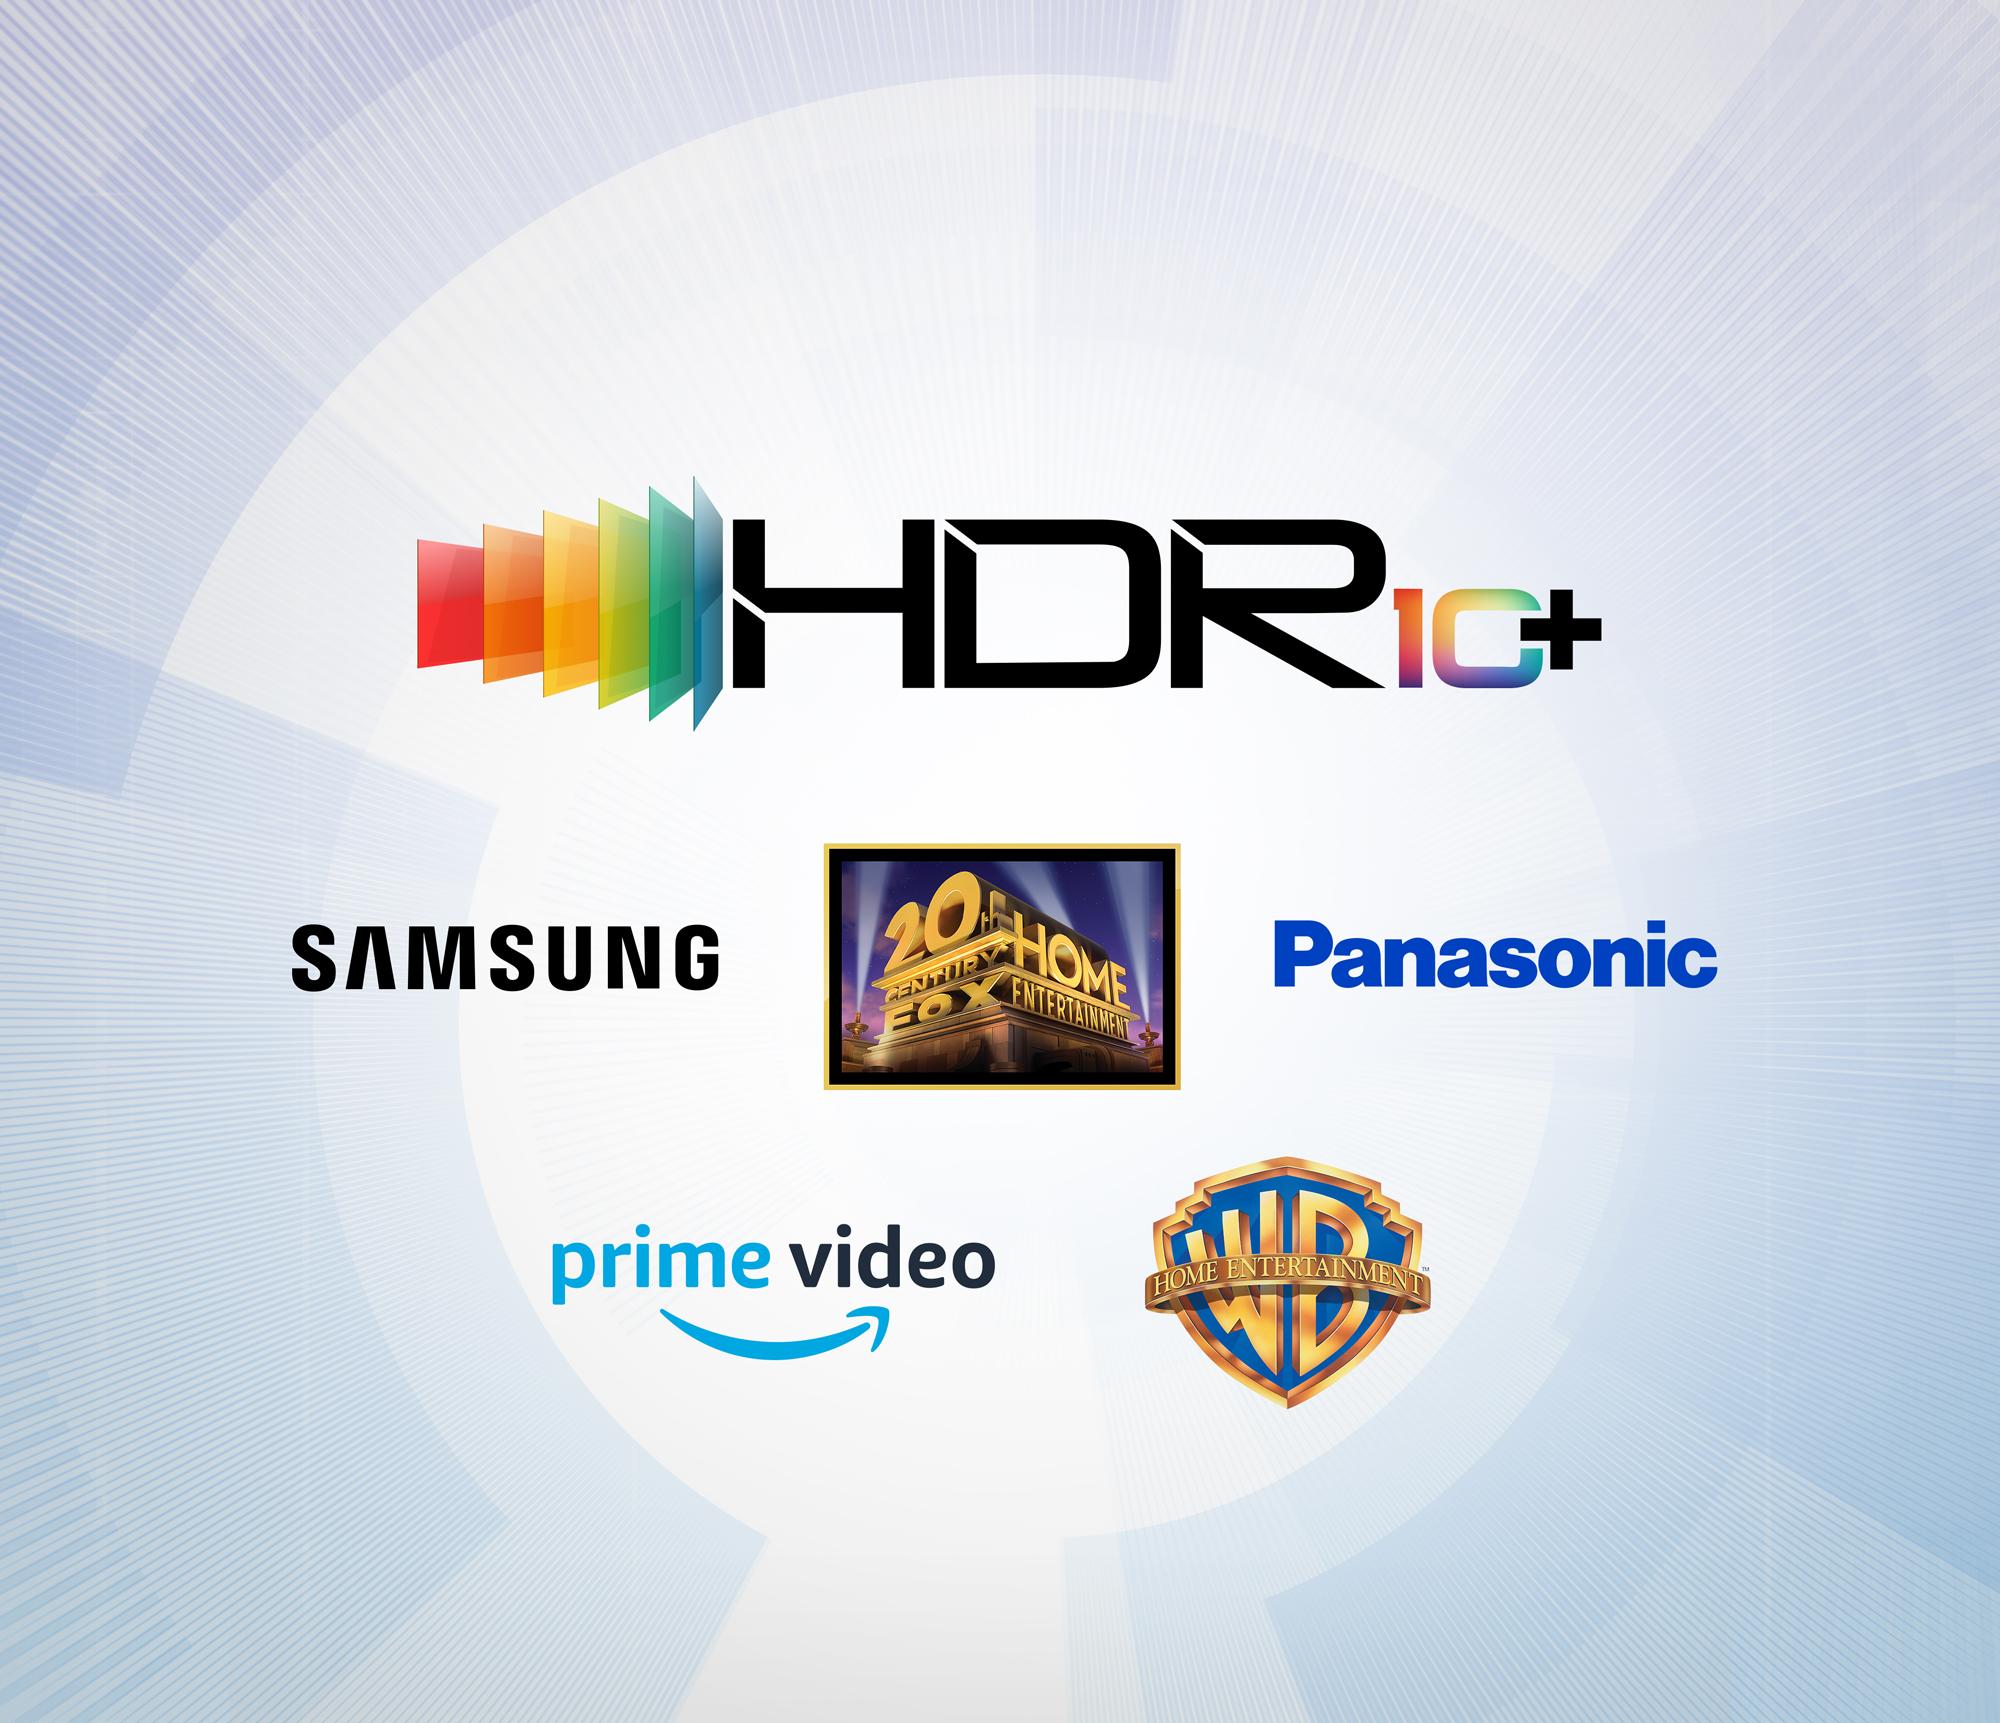 20th Century Fox, Panasonic and Samsung Gain Momentum for Best